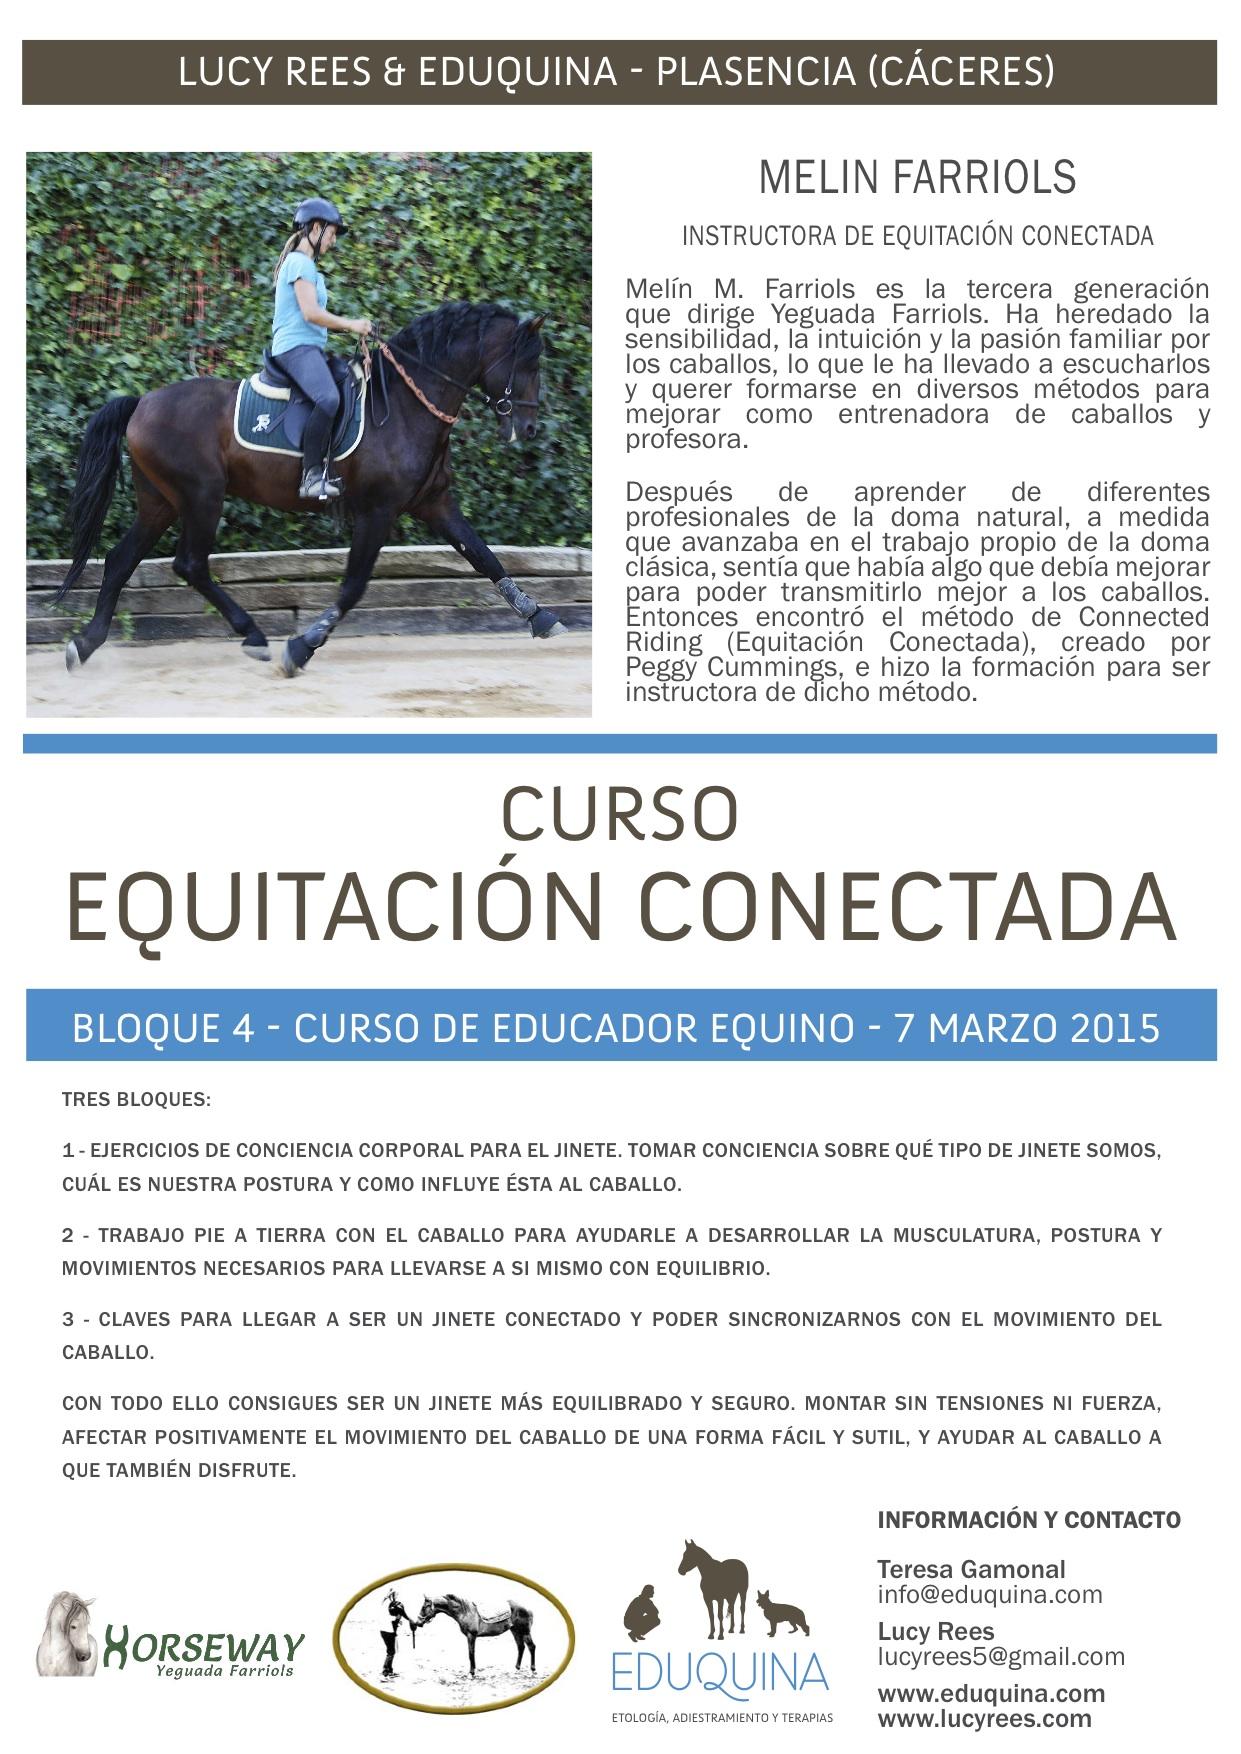 Curso: Equitación Conectada